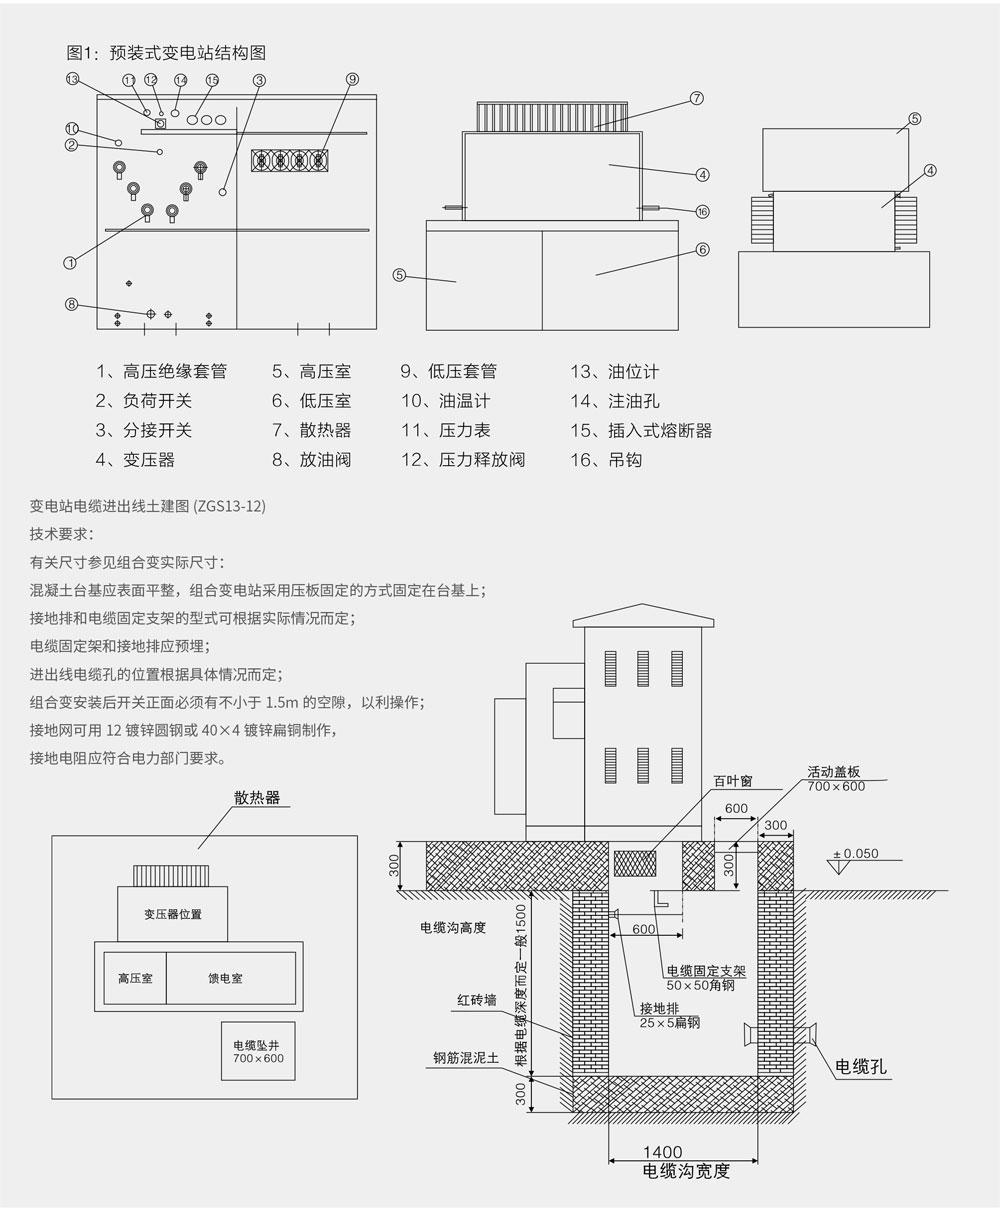 ZGS13-12戶外預裝式變電站-(-美式-)詳情2.jpg